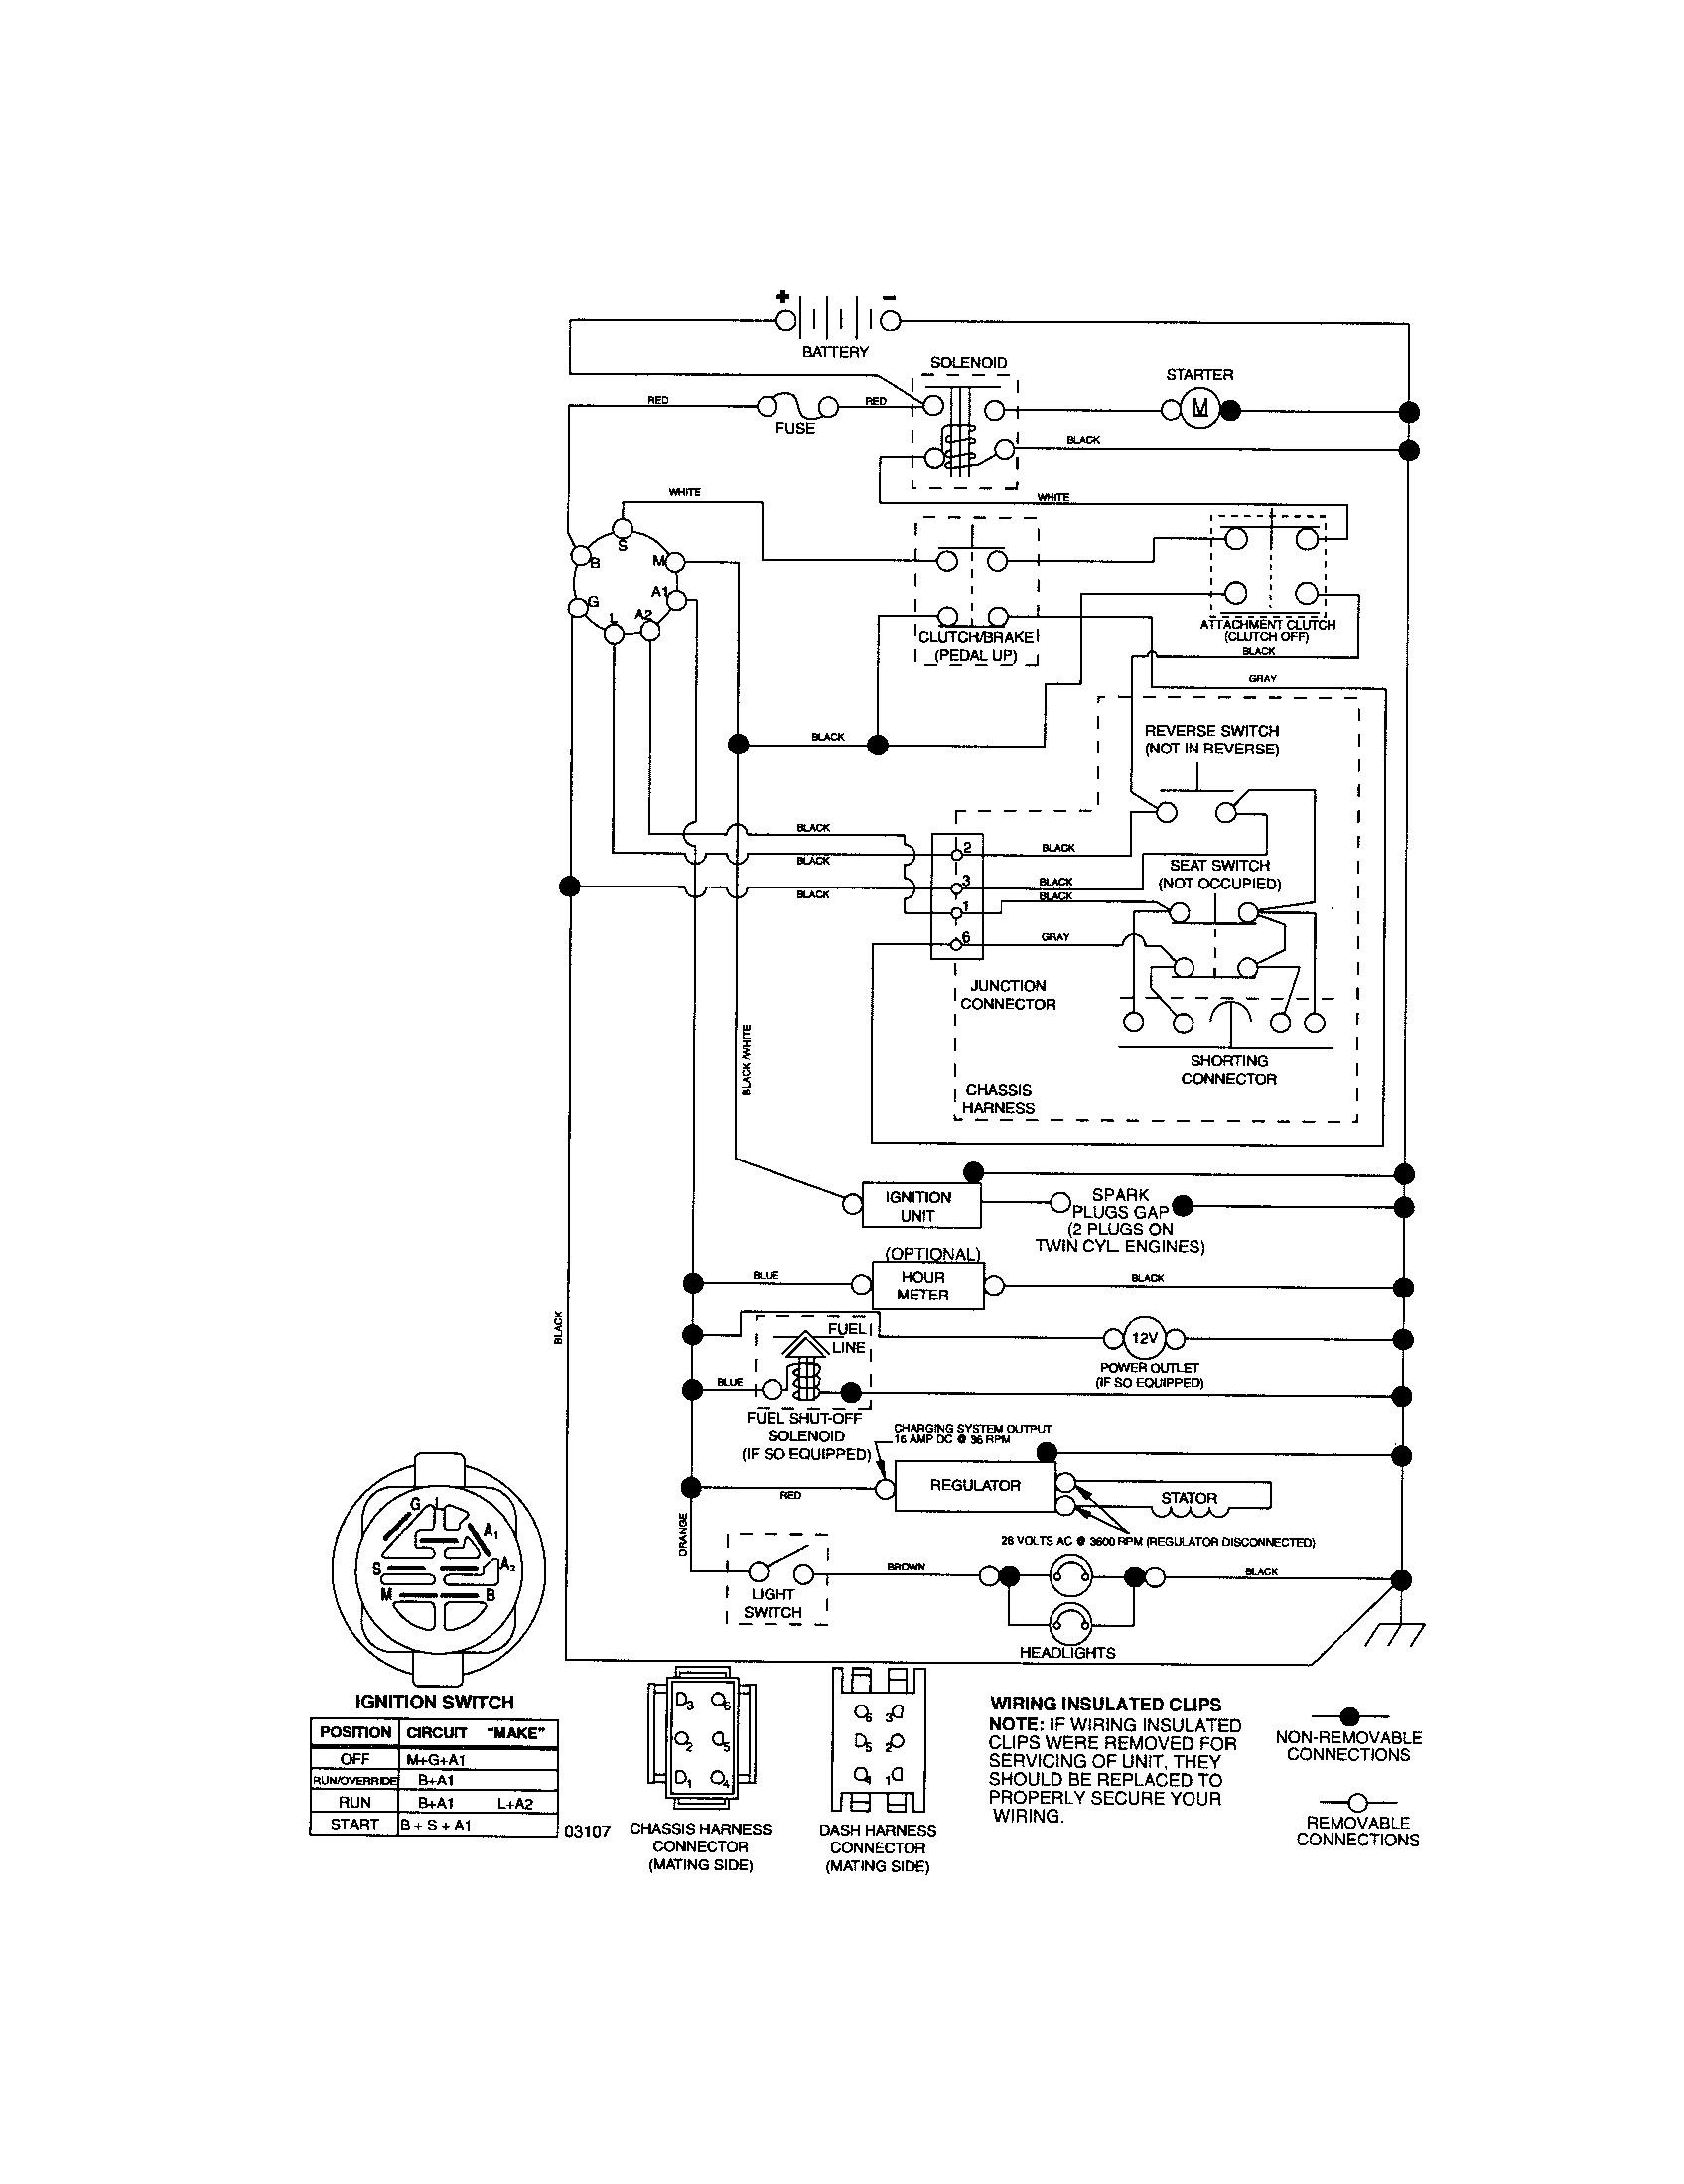 John Deere 318 Wiring Diagram Pdf